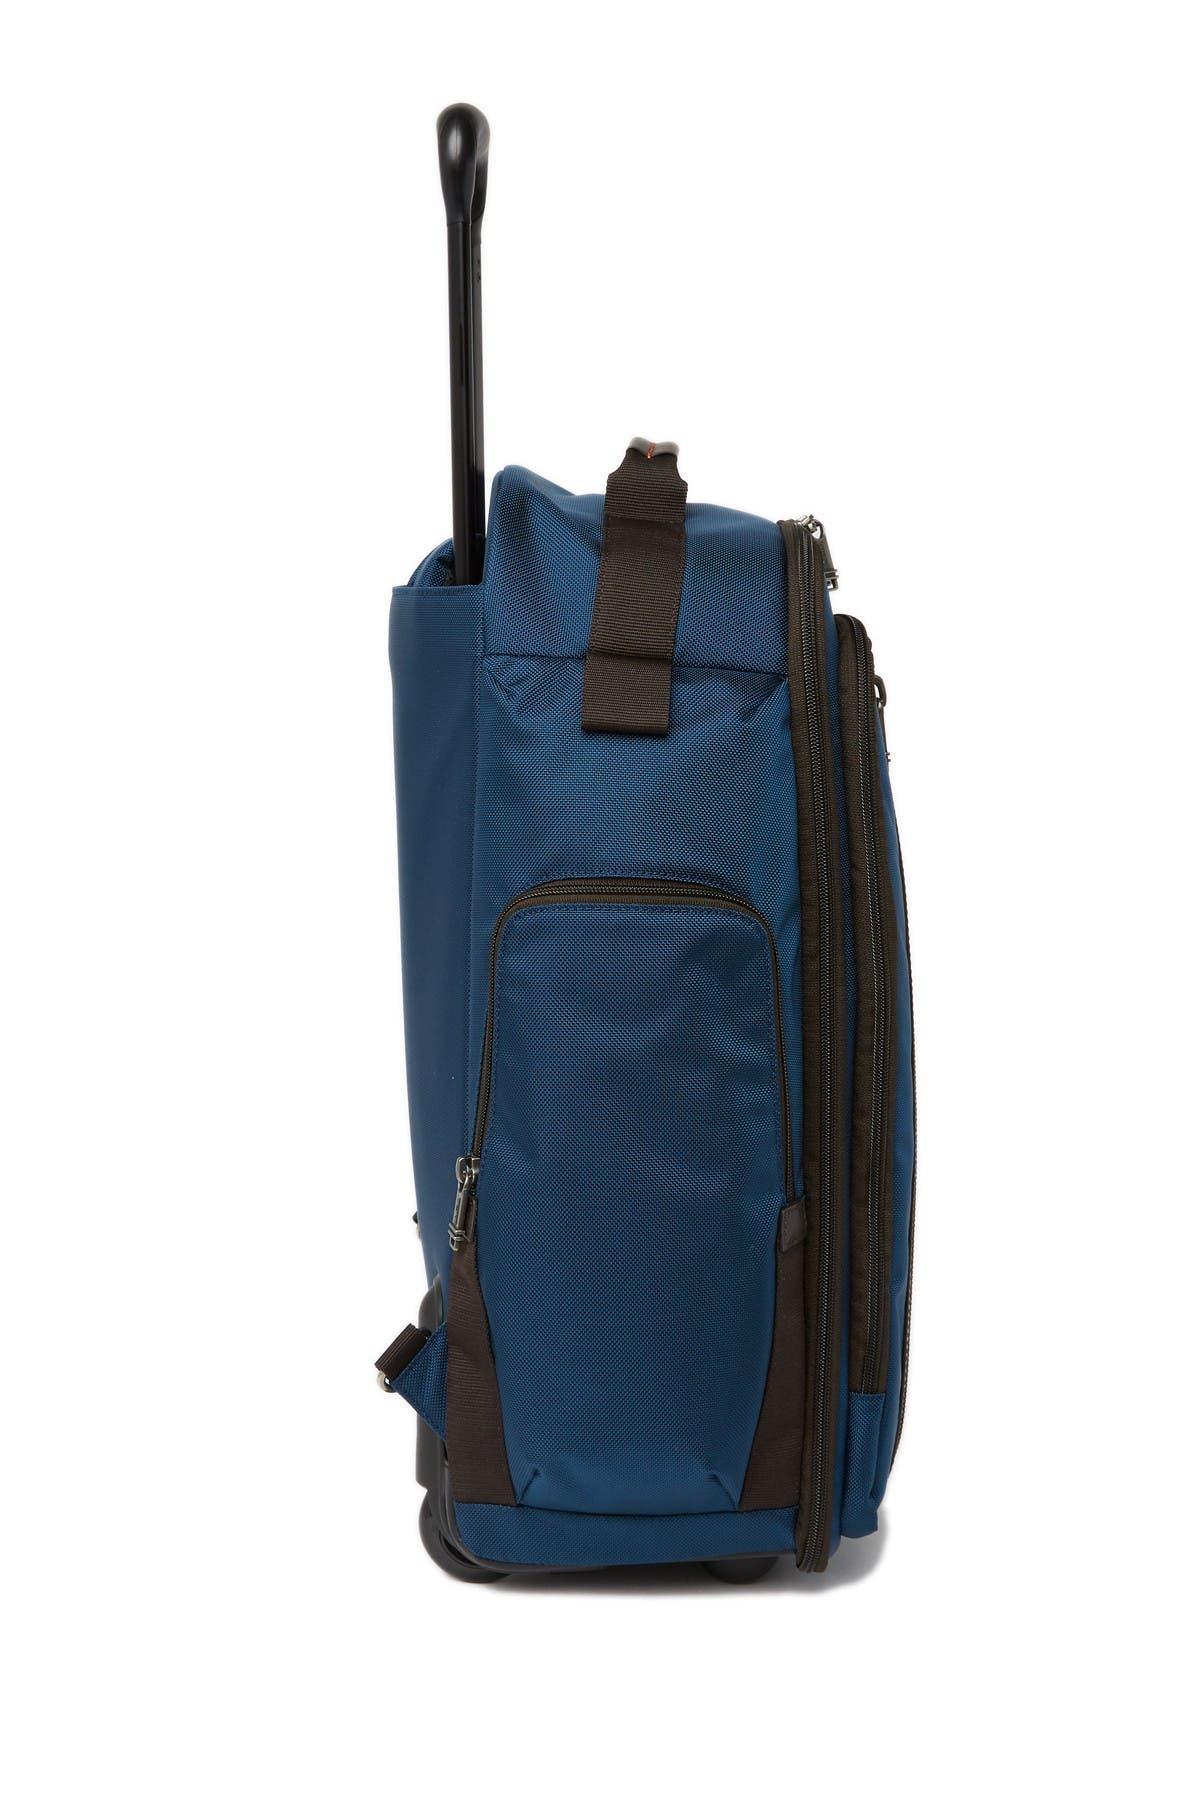 Image of Tumi Ashworth Wheeled Backpack